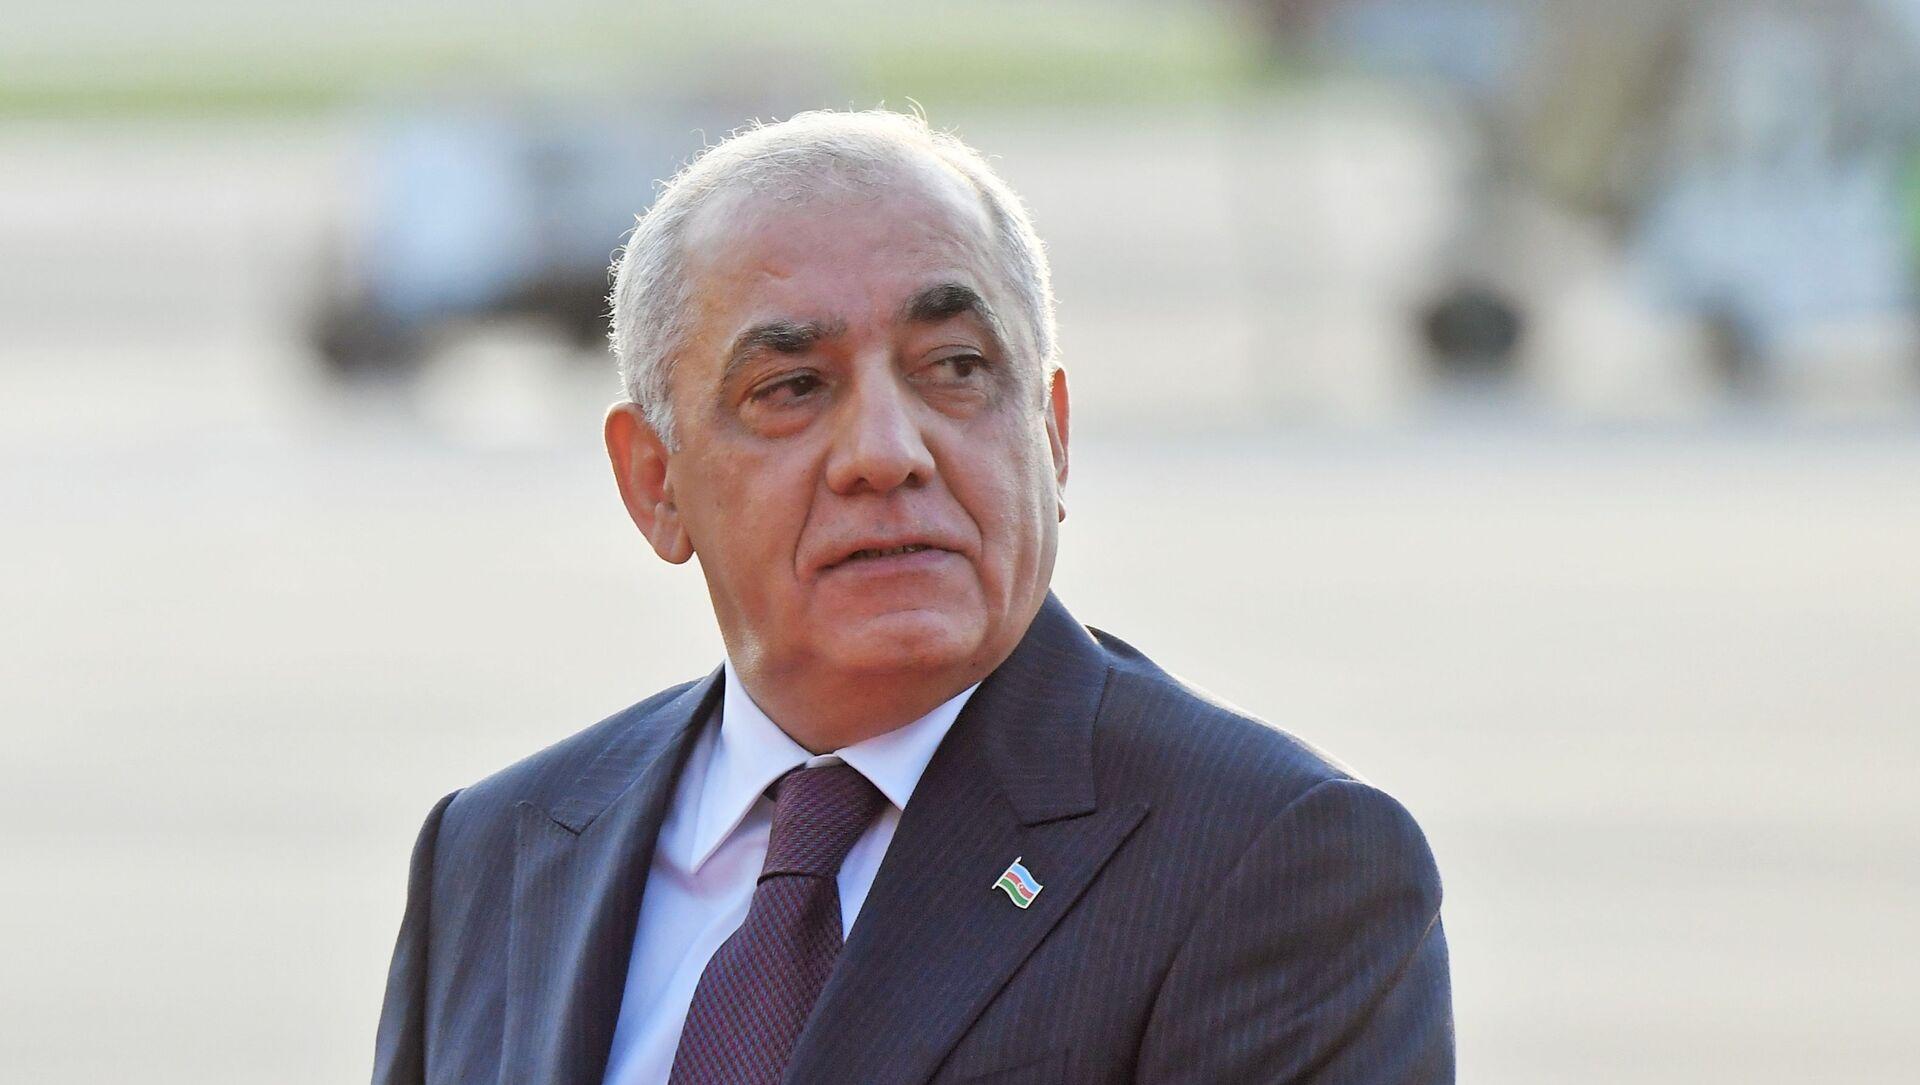 Премьер-министр Азербайджана Али Асадов, прибывший с двухдневным визитом в Москву - Sputnik Azərbaycan, 1920, 30.07.2021